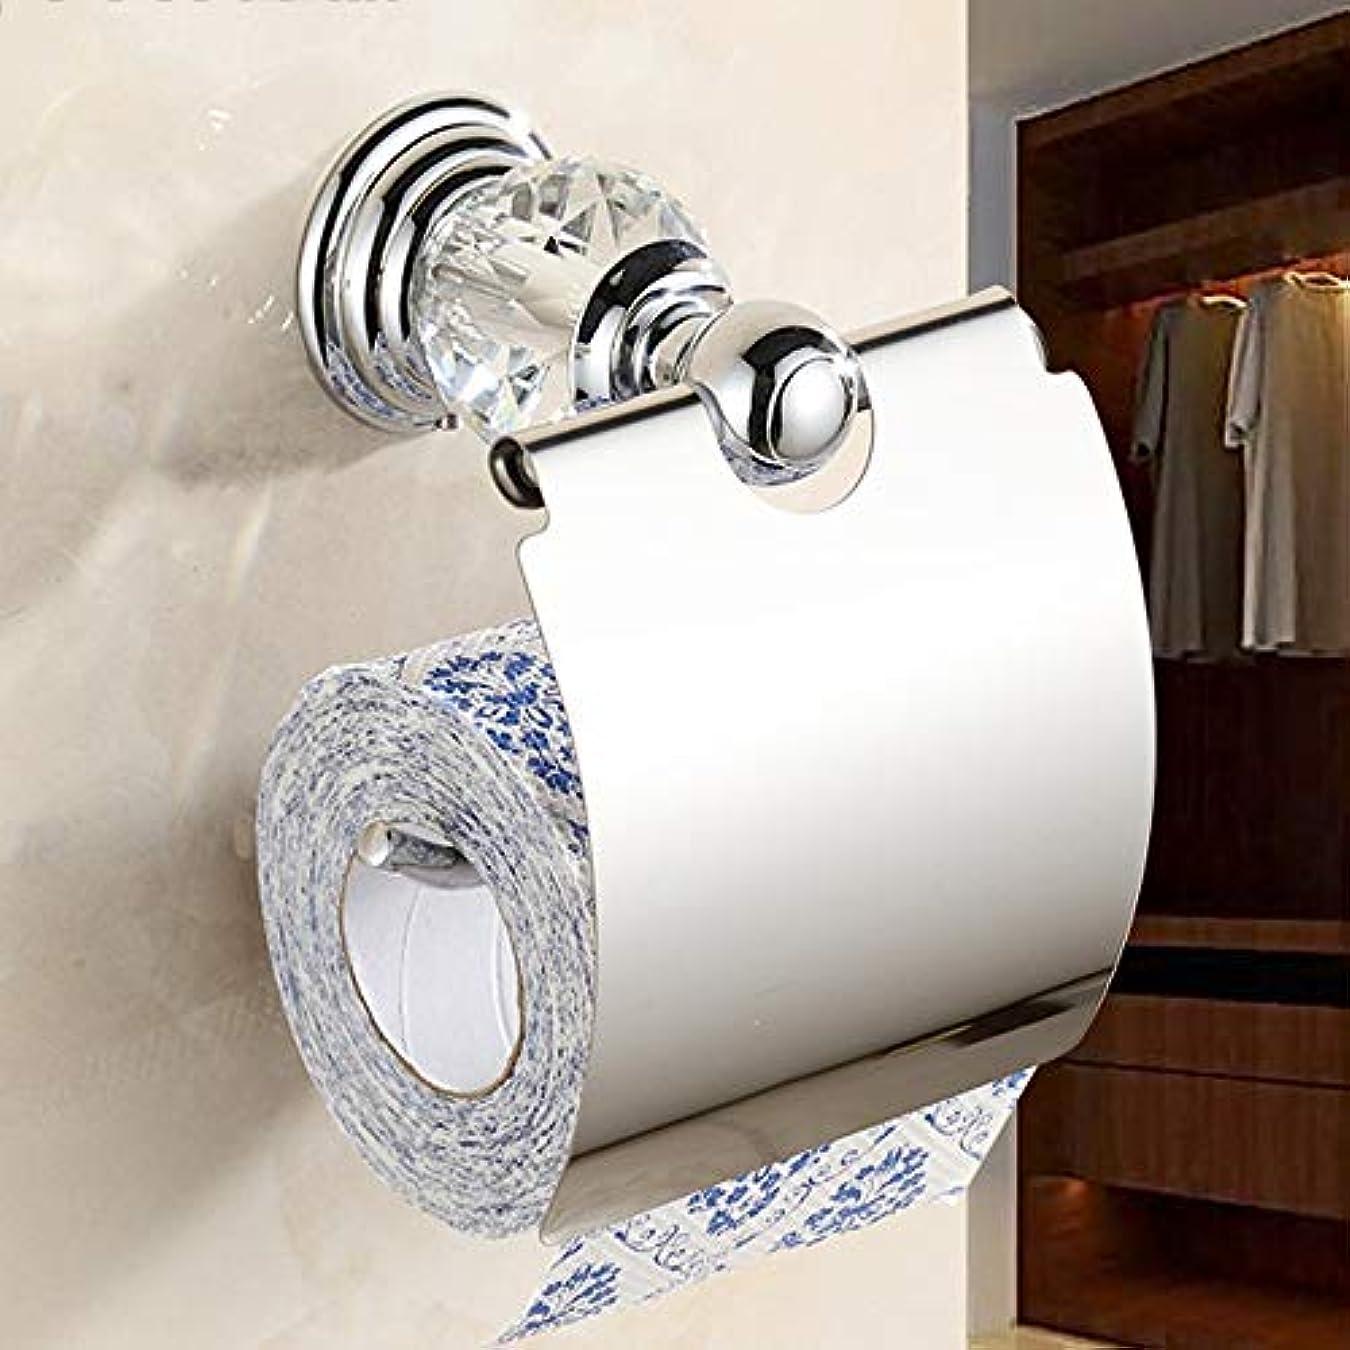 活気づける忘れられない素敵なZZLX 紙タオルホルダー、ヨーロッパの金ステンレススチールアンティークバスルームロールトレイトイレットティッシュボックス ロングハンドル風呂ブラシ (色 : A)